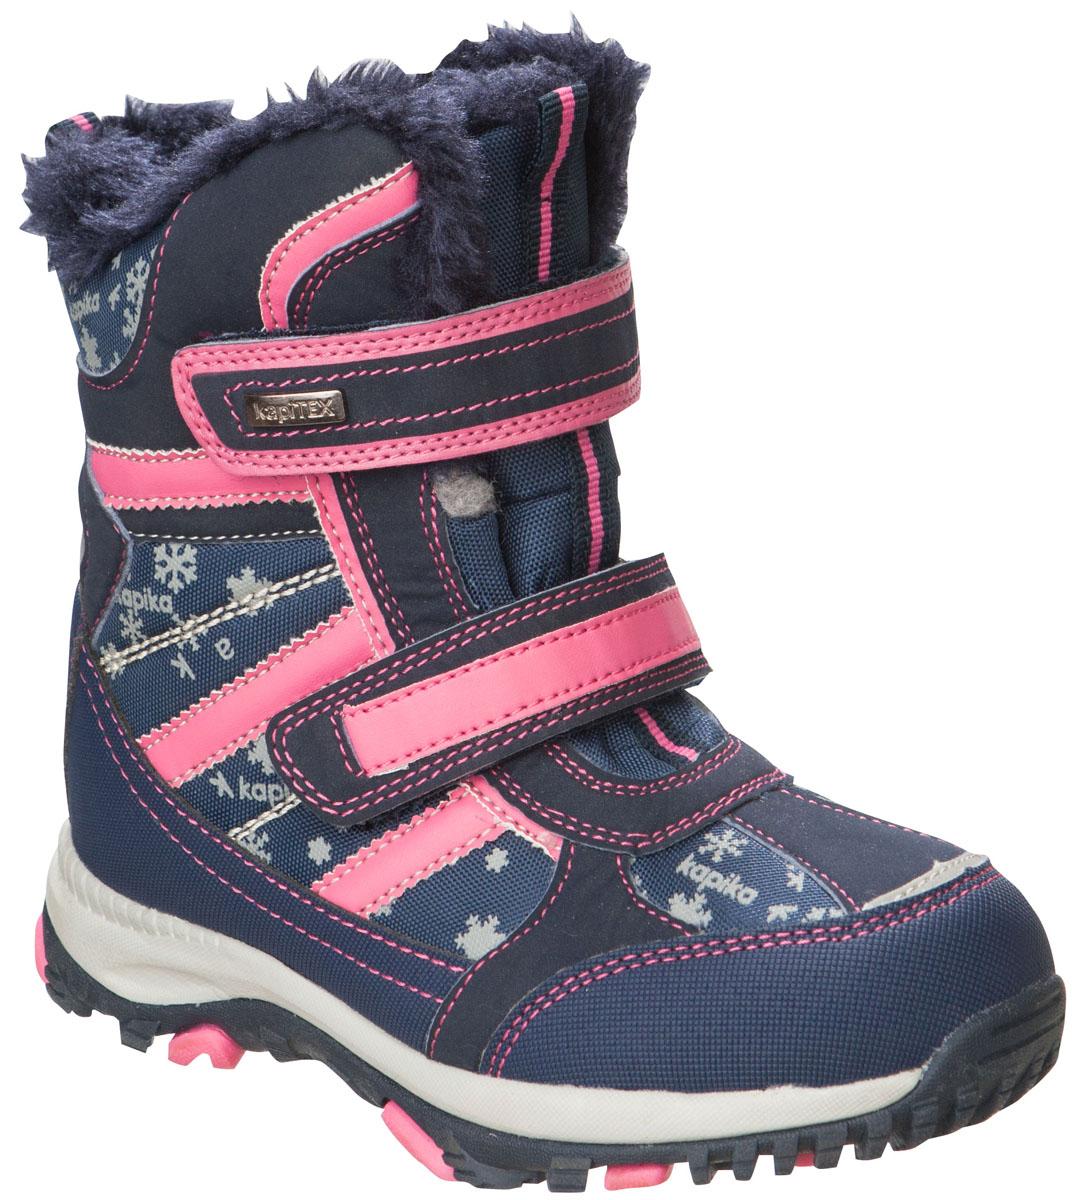 42169-1Легкие, удобные и теплые ботинки от Kapika выполнены из мембранных материалов и искусственной кожи. Два ремешка на застежках-липучках надежно фиксируют изделие на ноге. Мягкая подкладка и стелька из шерсти обеспечивают тепло, циркуляцию воздуха и сохраняют комфортный микроклимат в обуви. Подошва с протектором гарантирует идеальное сцепление с любыми поверхностями. Идеальная зимняя обувь для активных детей. Модель большемерит на 1 размер.